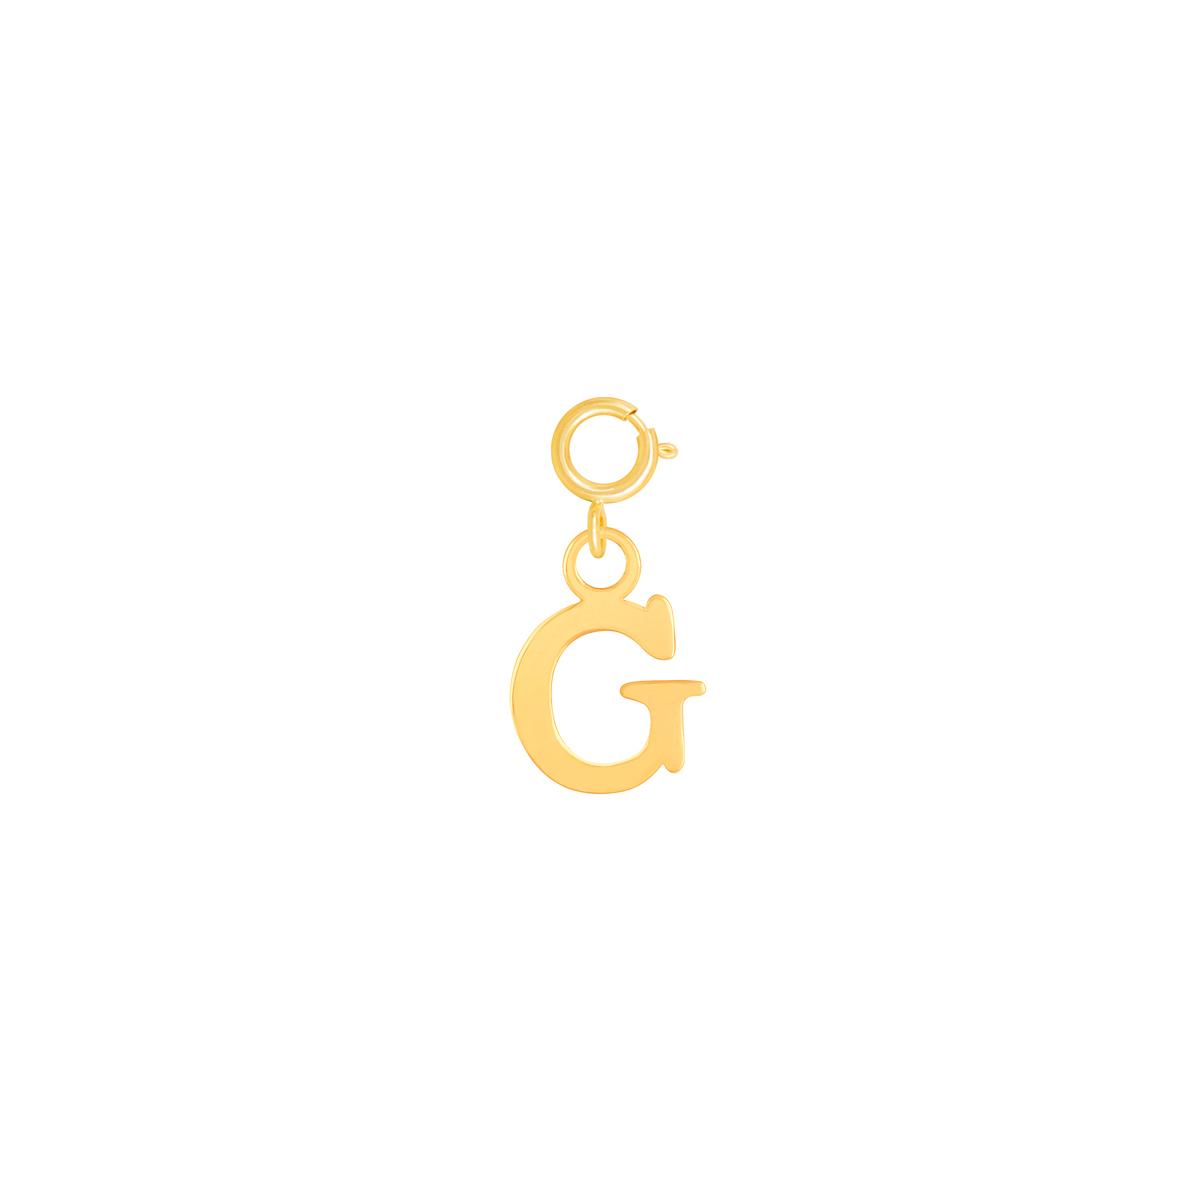 آویز طلا حرف G